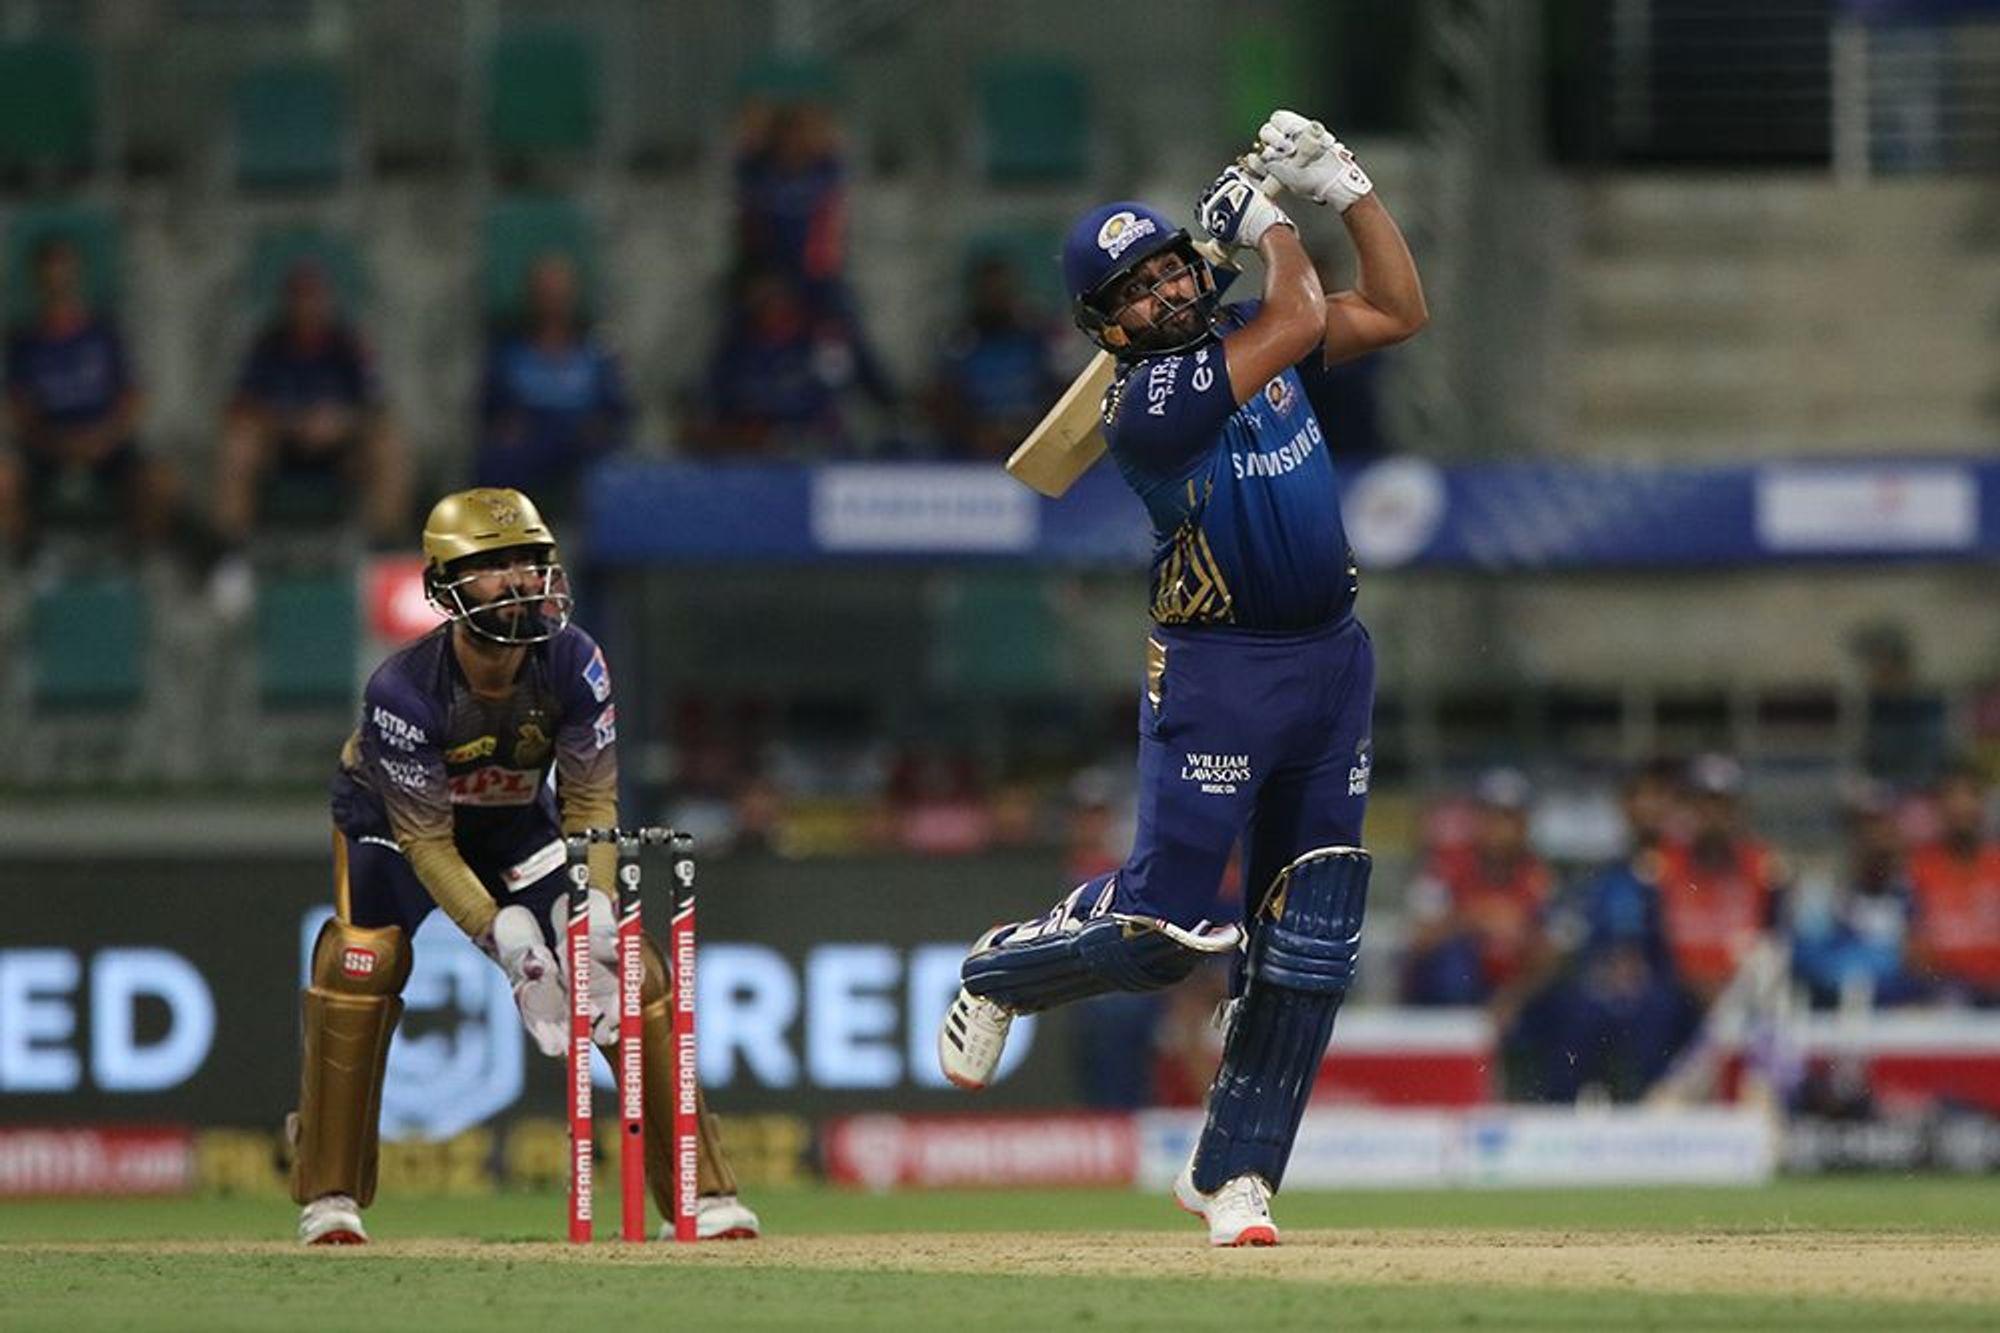 KKRvsMI: मैन ऑफ द मैच रोहित शर्मा ने खुद को नहीं बल्कि इस खिलाड़ी को दिया जीत का श्रेय 3